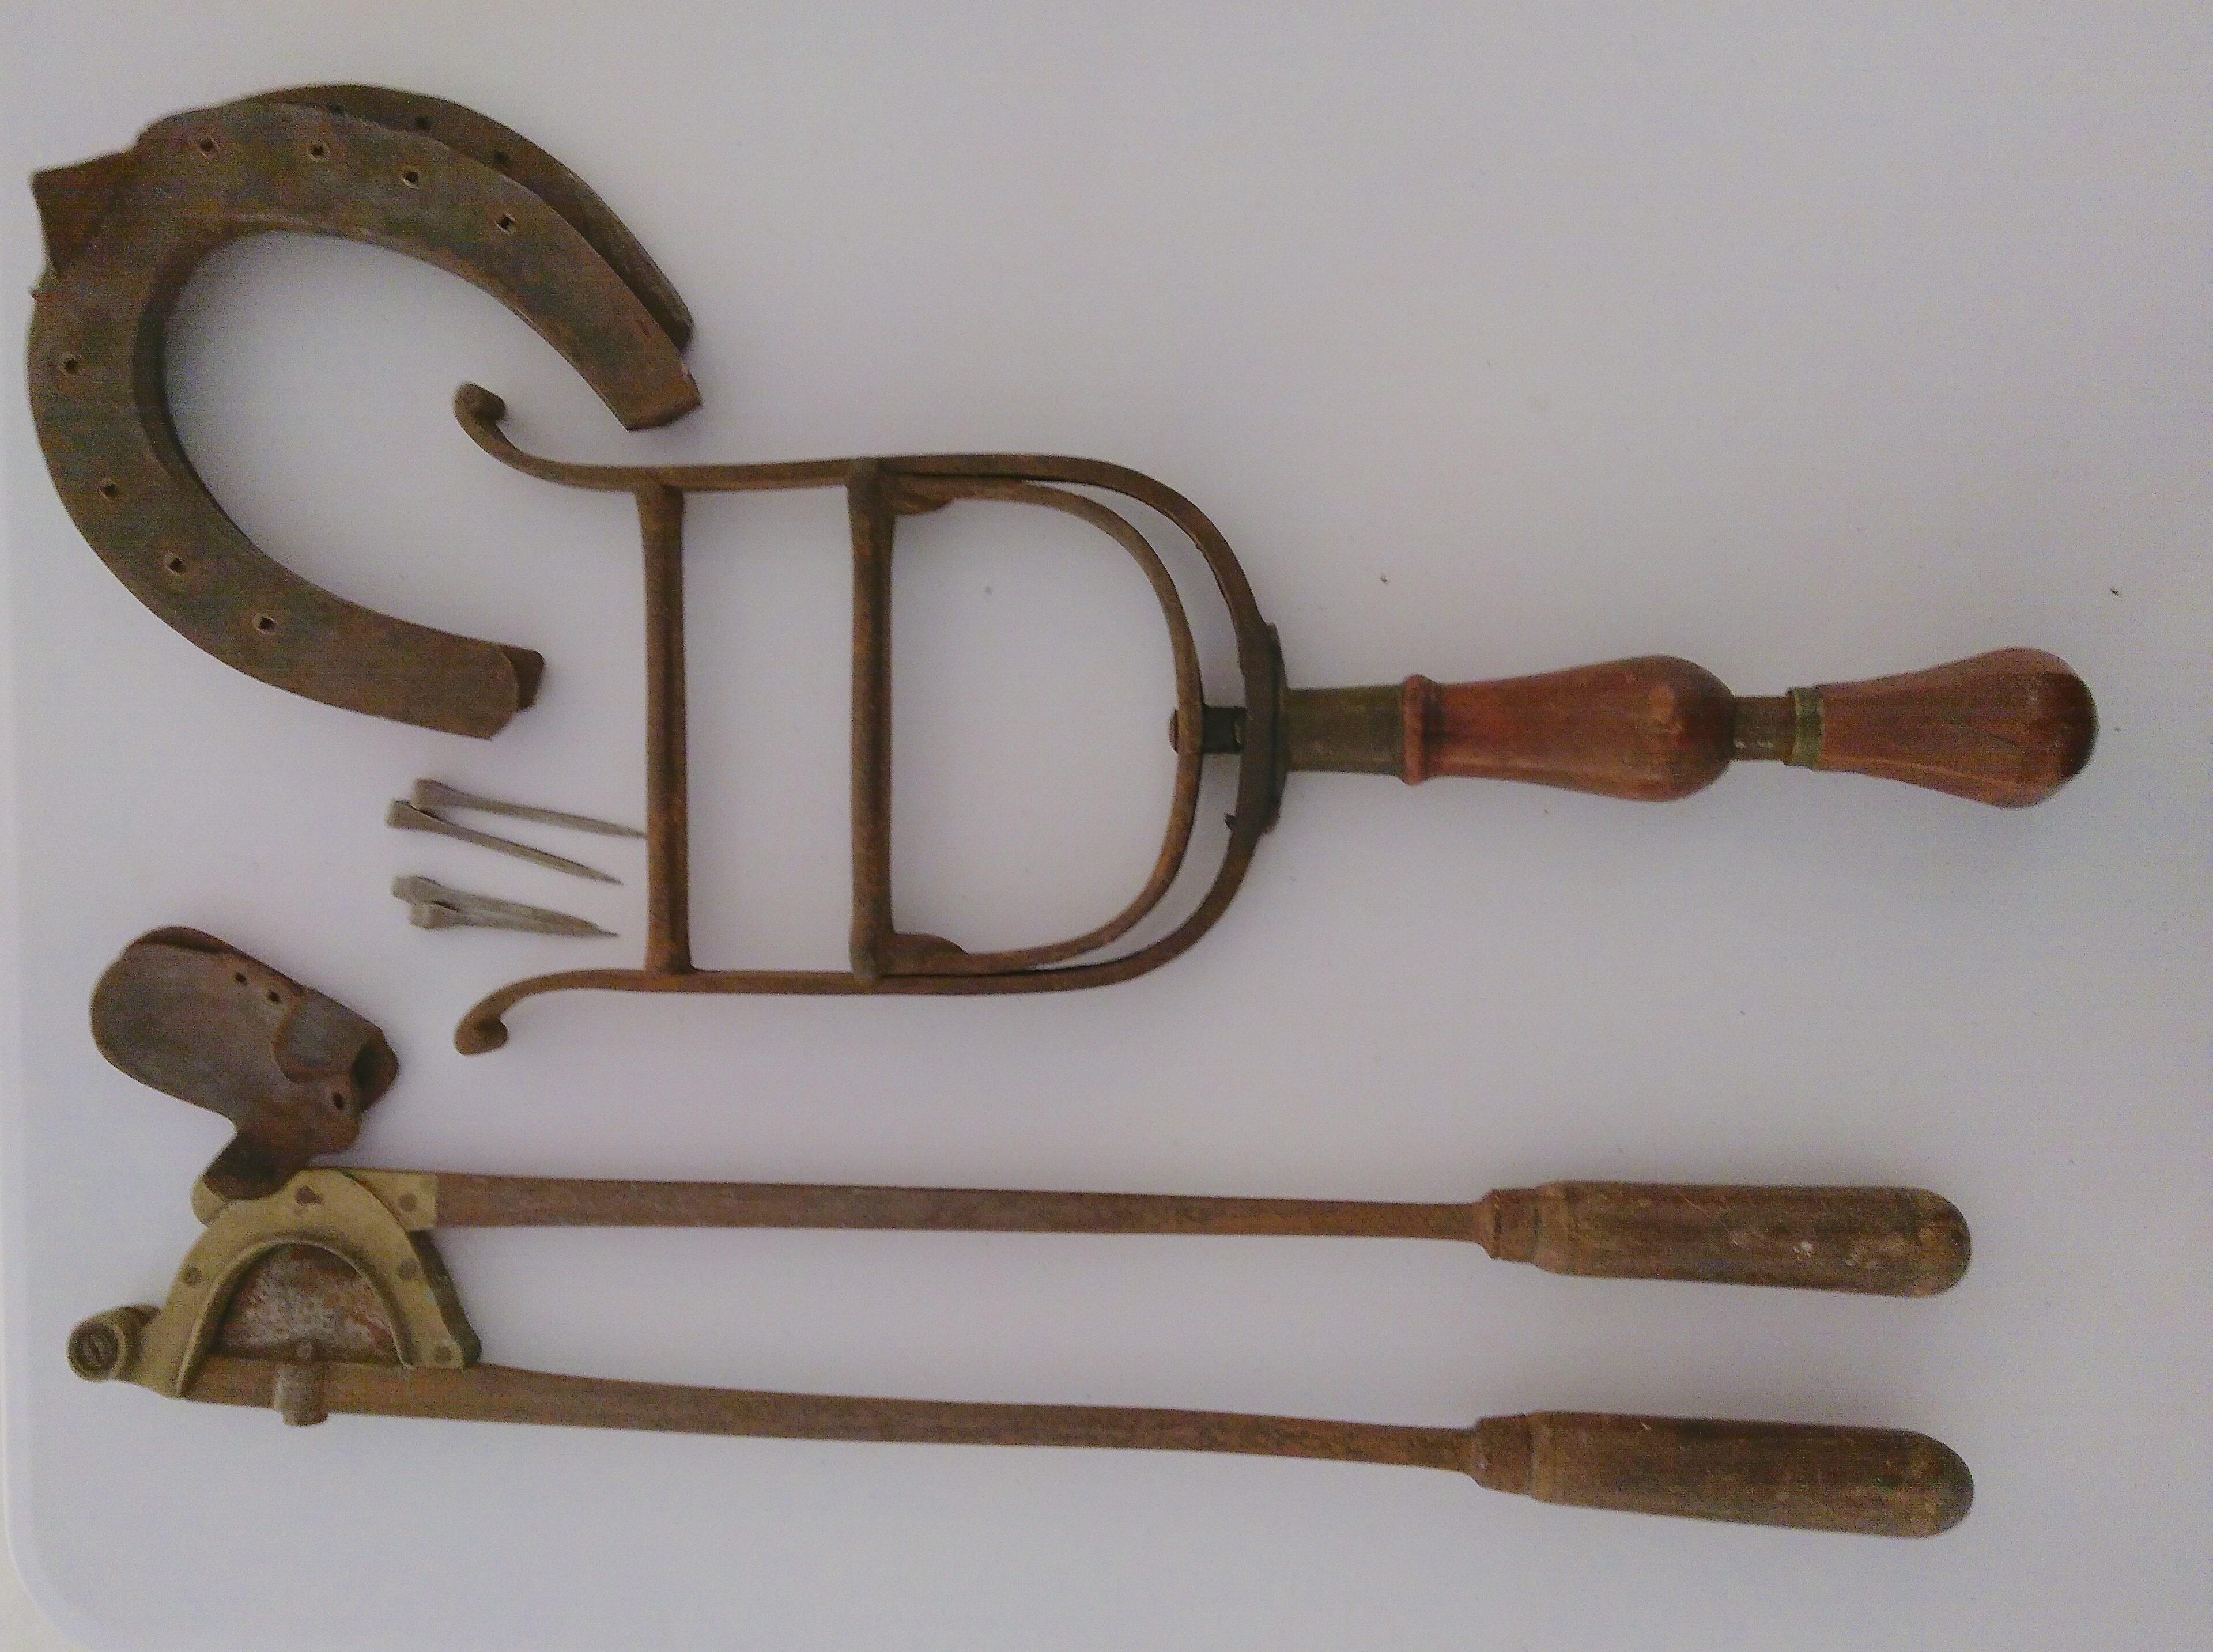 Outils de maréchal-ferrand